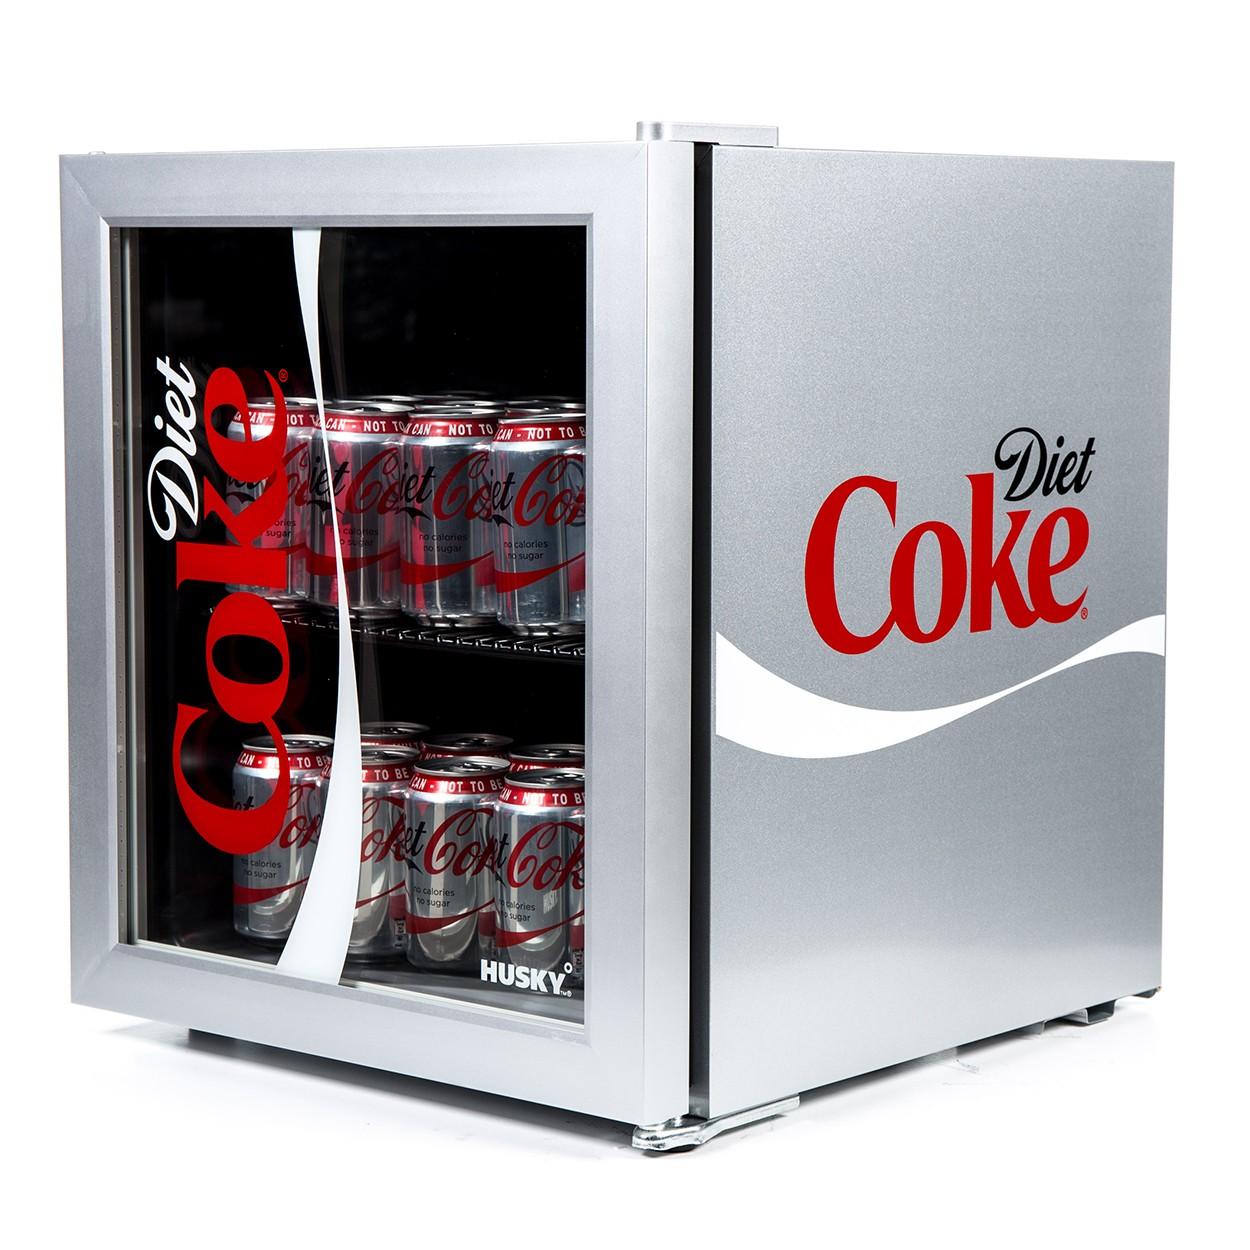 Husky HY209 Diet Coke Branded Table Top Drinks Chiller